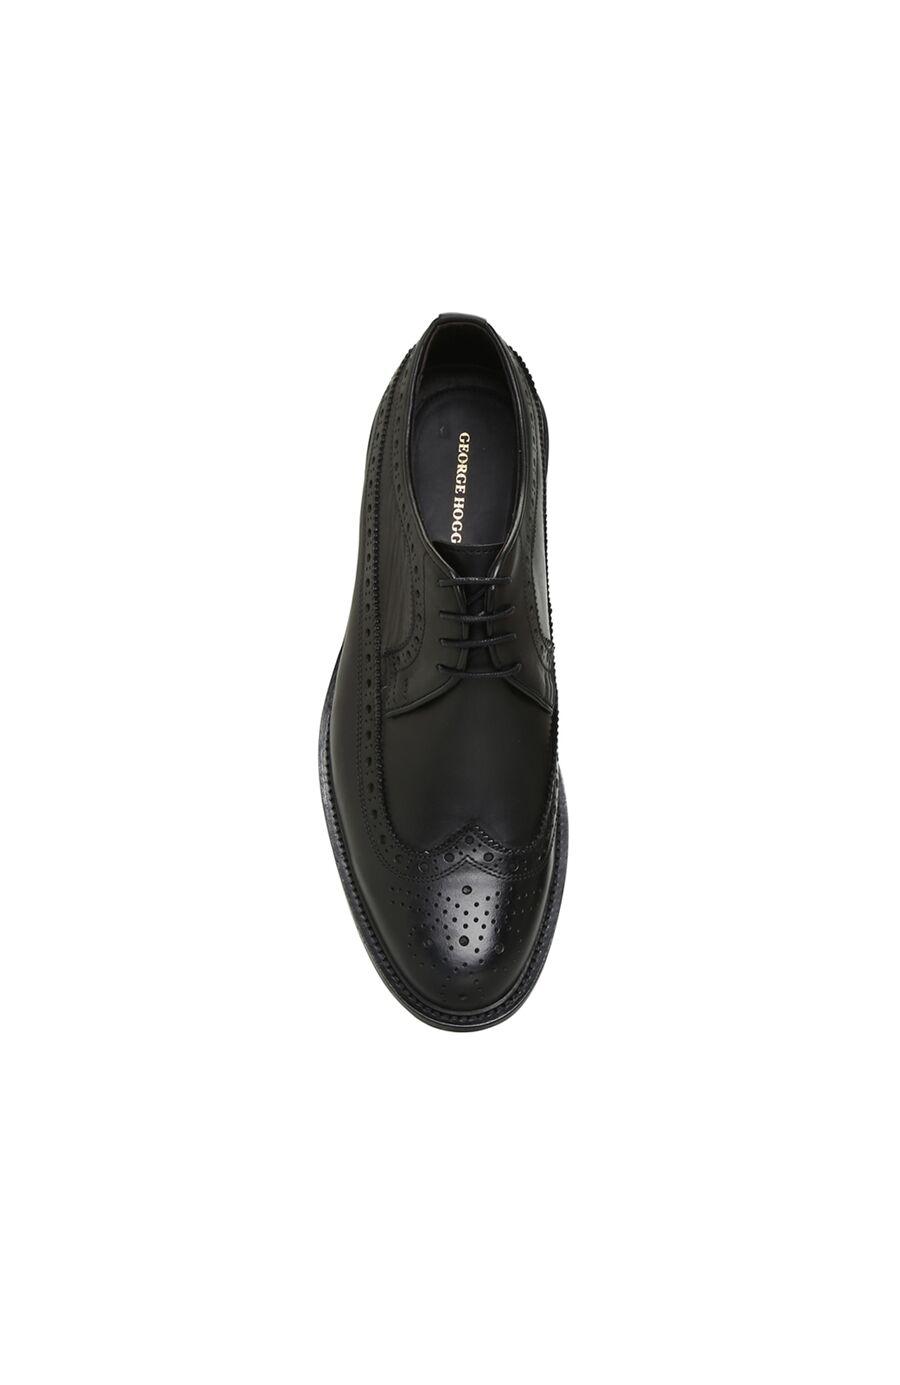 Siyah Delik Desenli Erkek Deri Ayakkabı